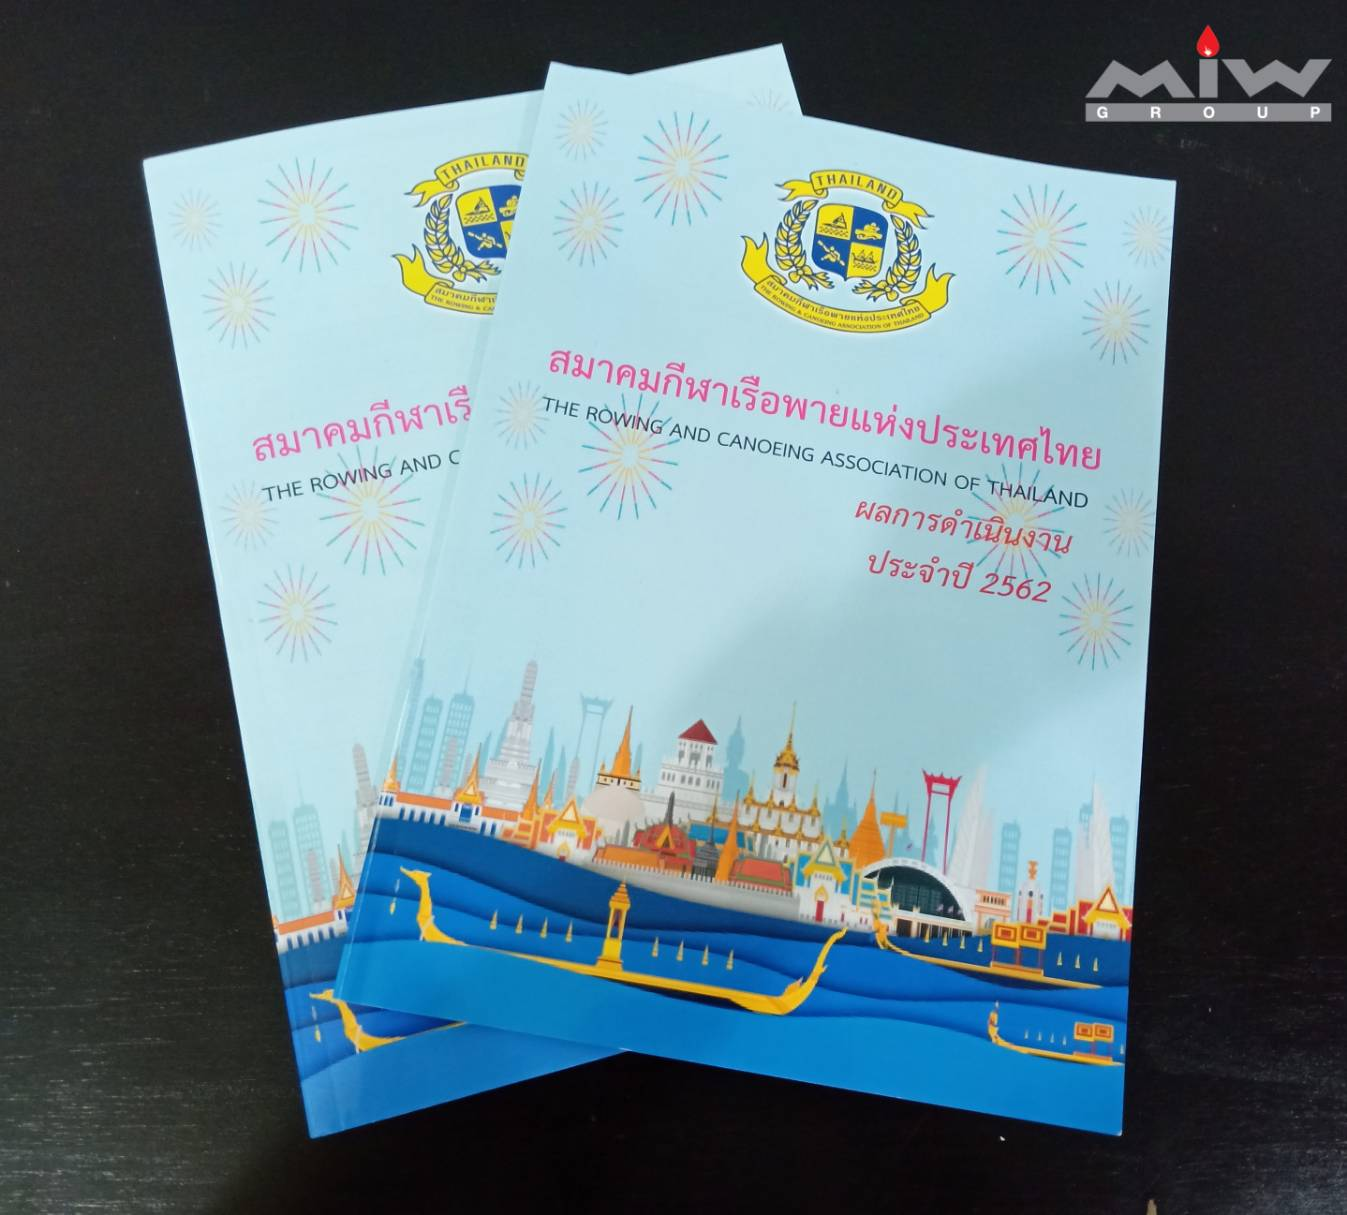 321498 - งานหนังสือสมาคมกีฬาเรือพายแห่งประเทศไทย ผลการดำเนินงานประจำปี 2562